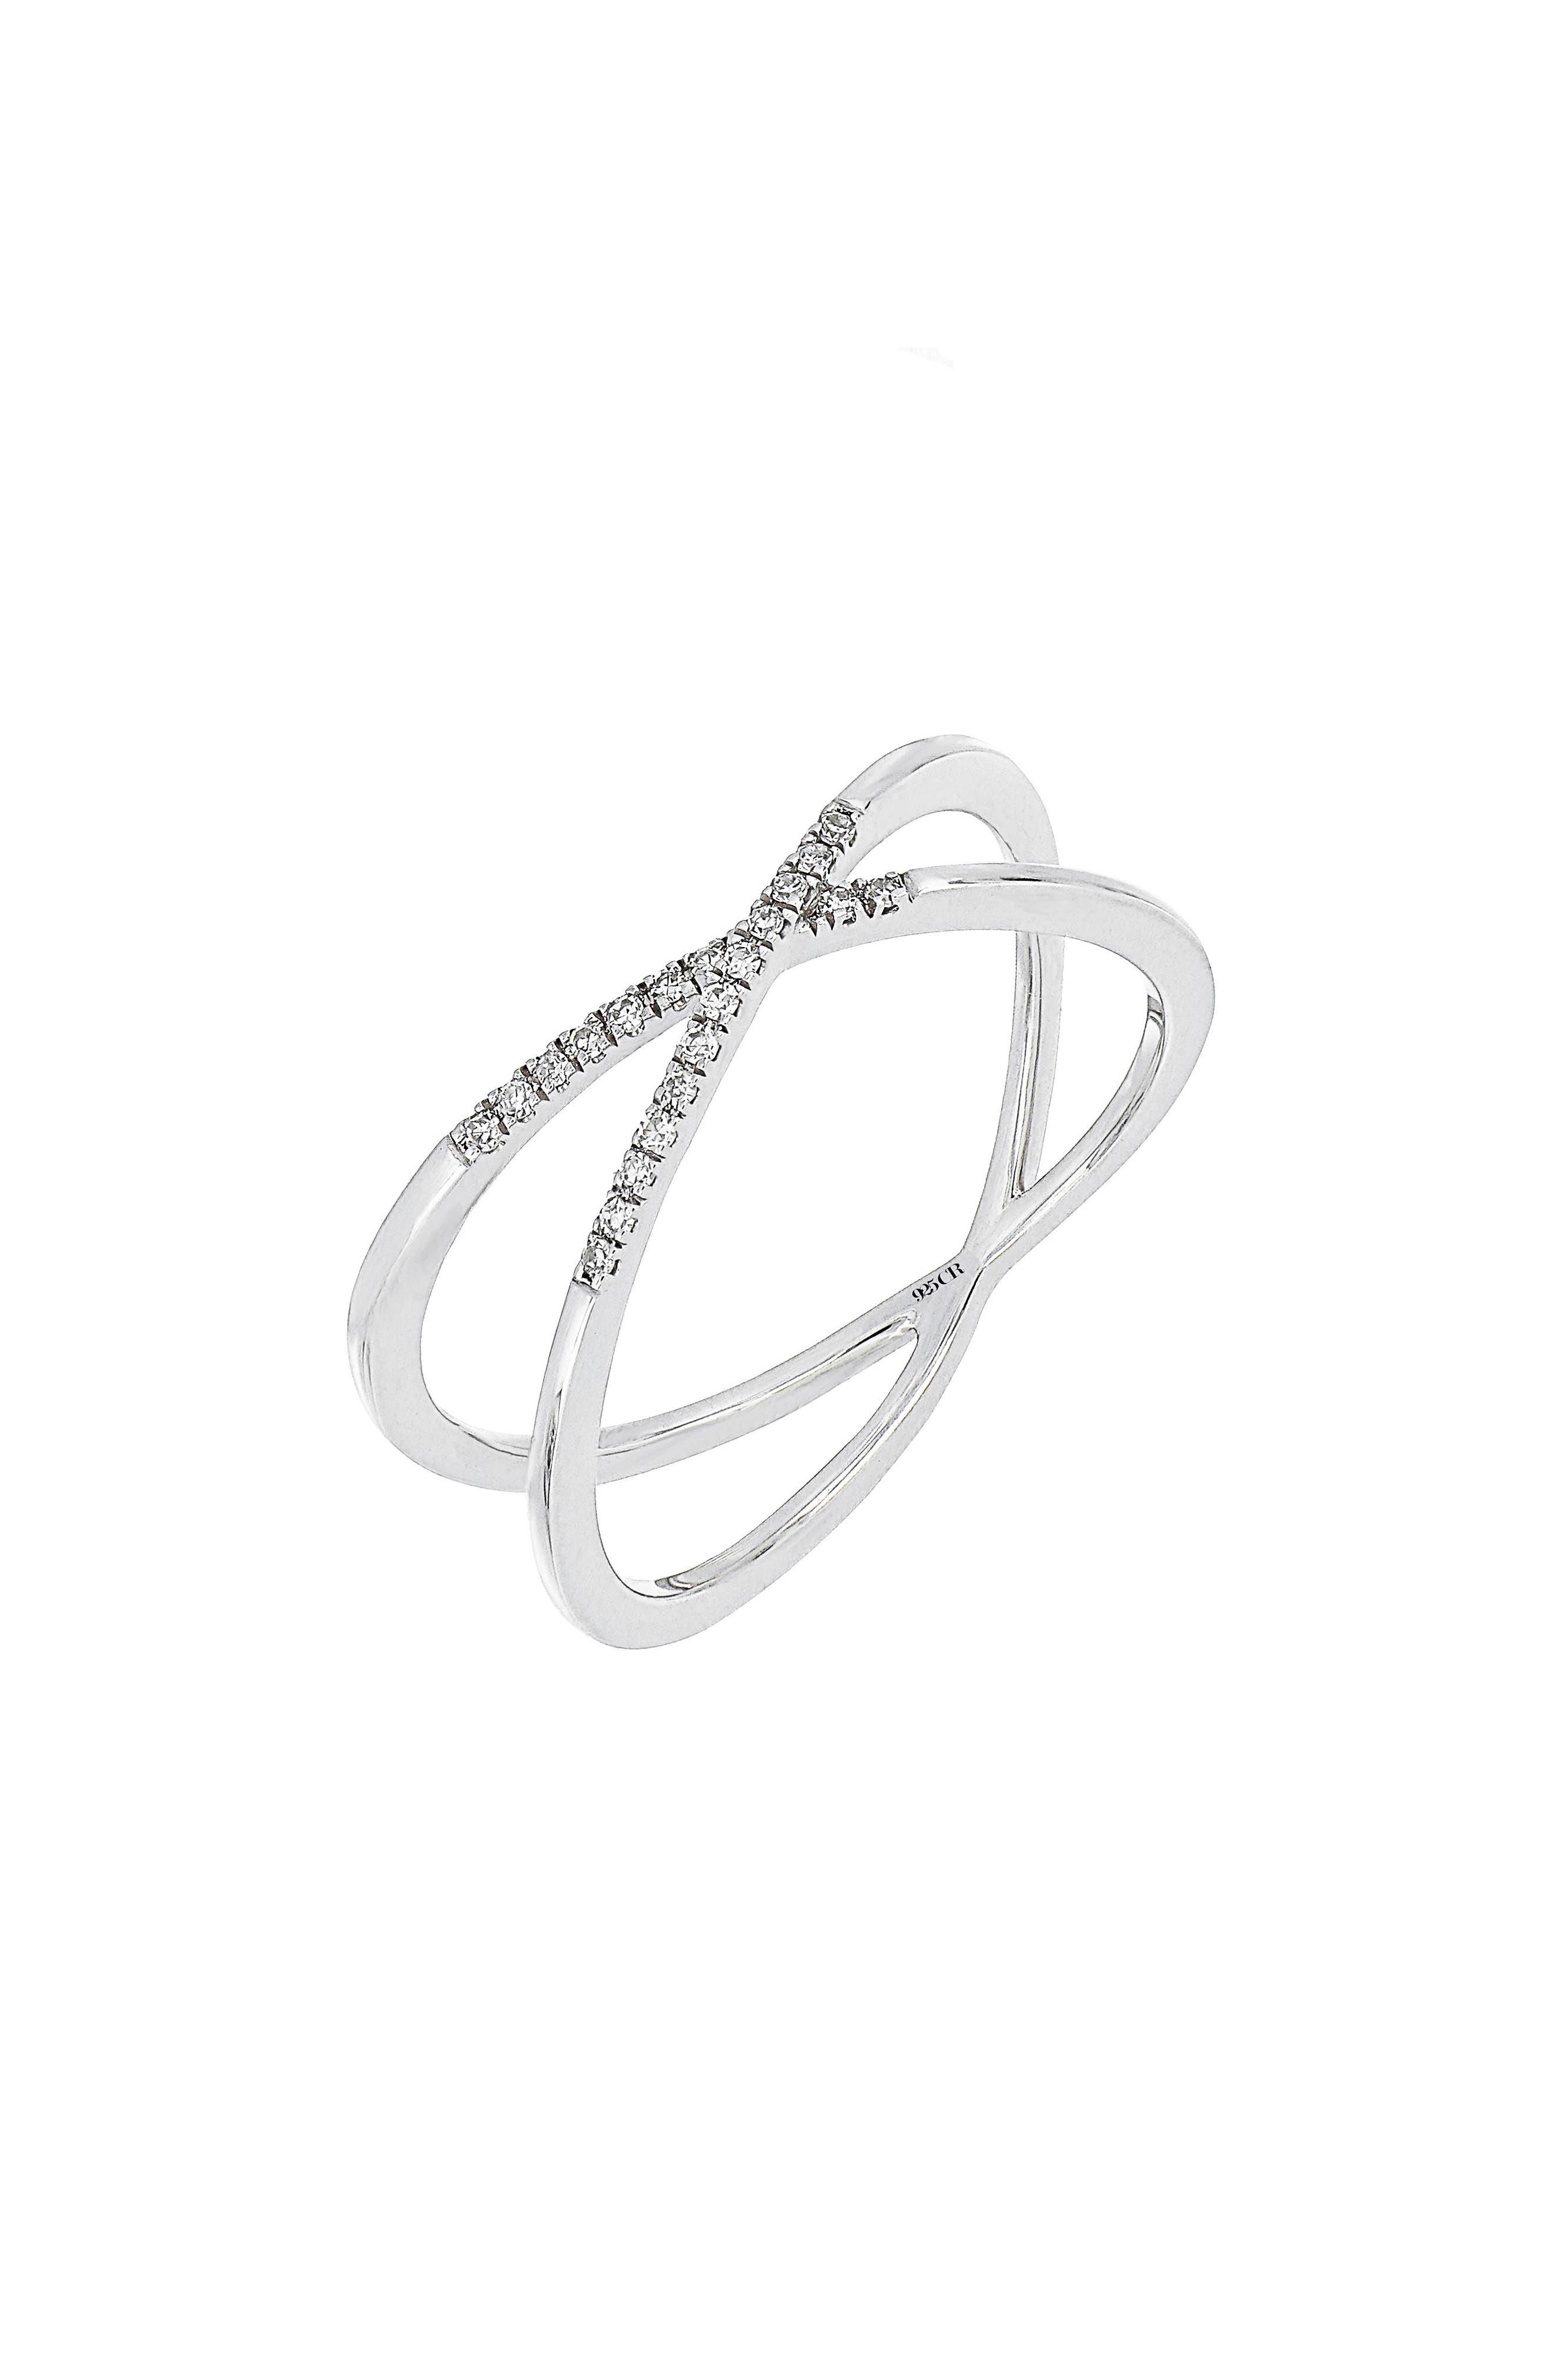 Carrière Crisscross Diamond Ring,                             Main thumbnail 1, color,                             040